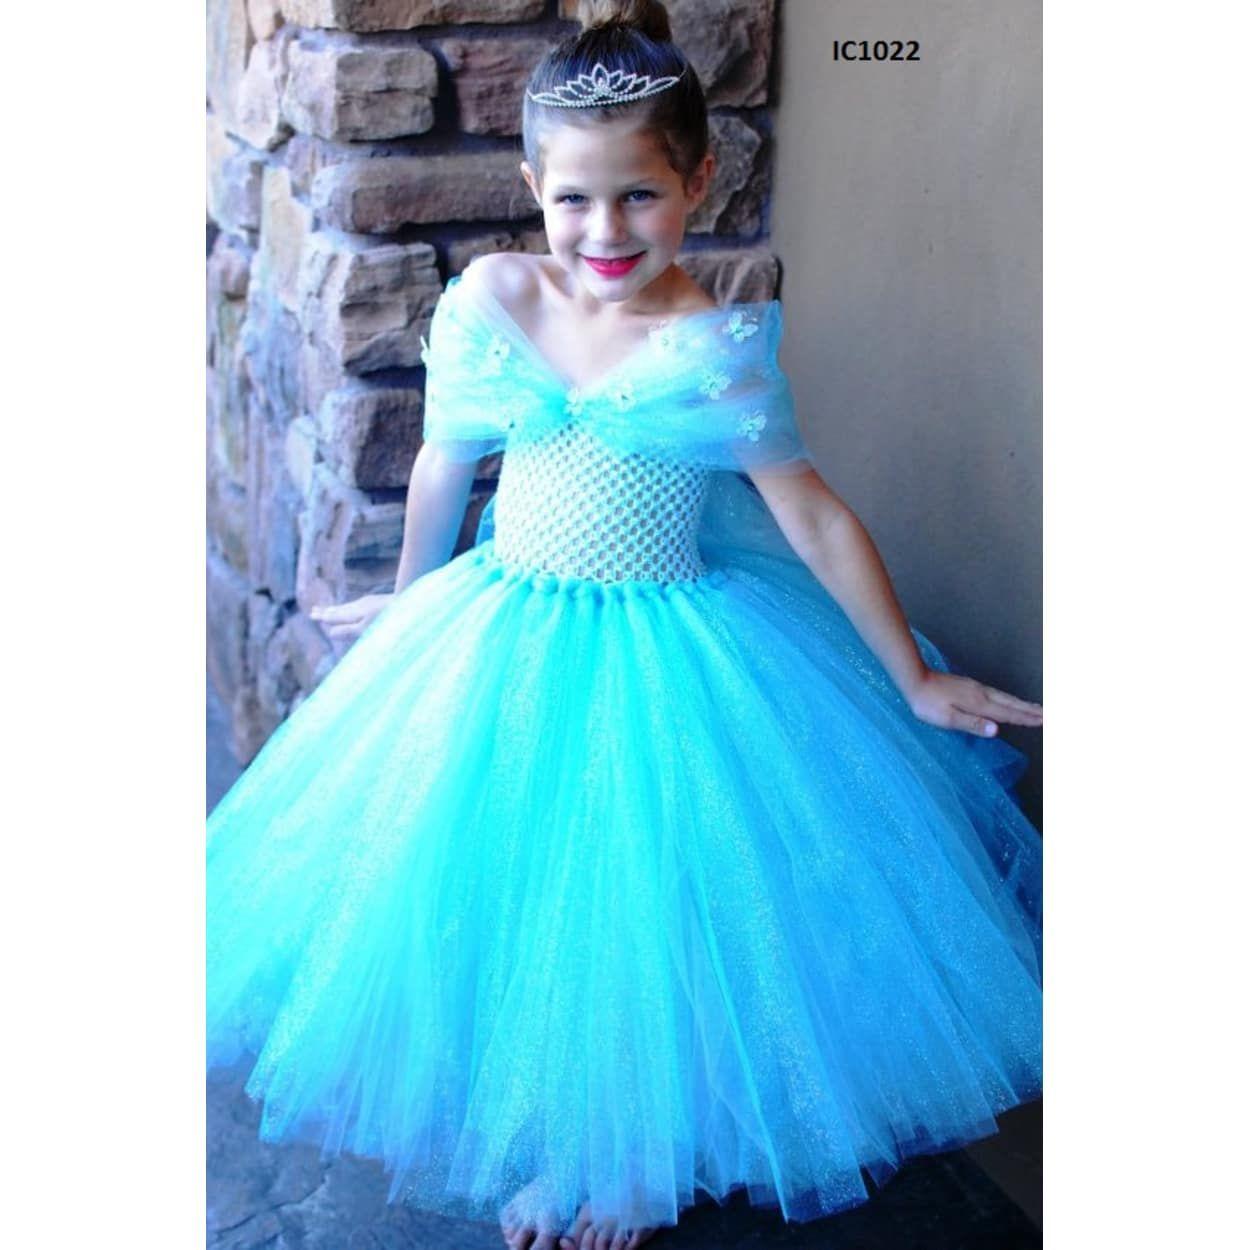 602d6c5bcd5f Buy Turquoise Tutu Dresses For Girls